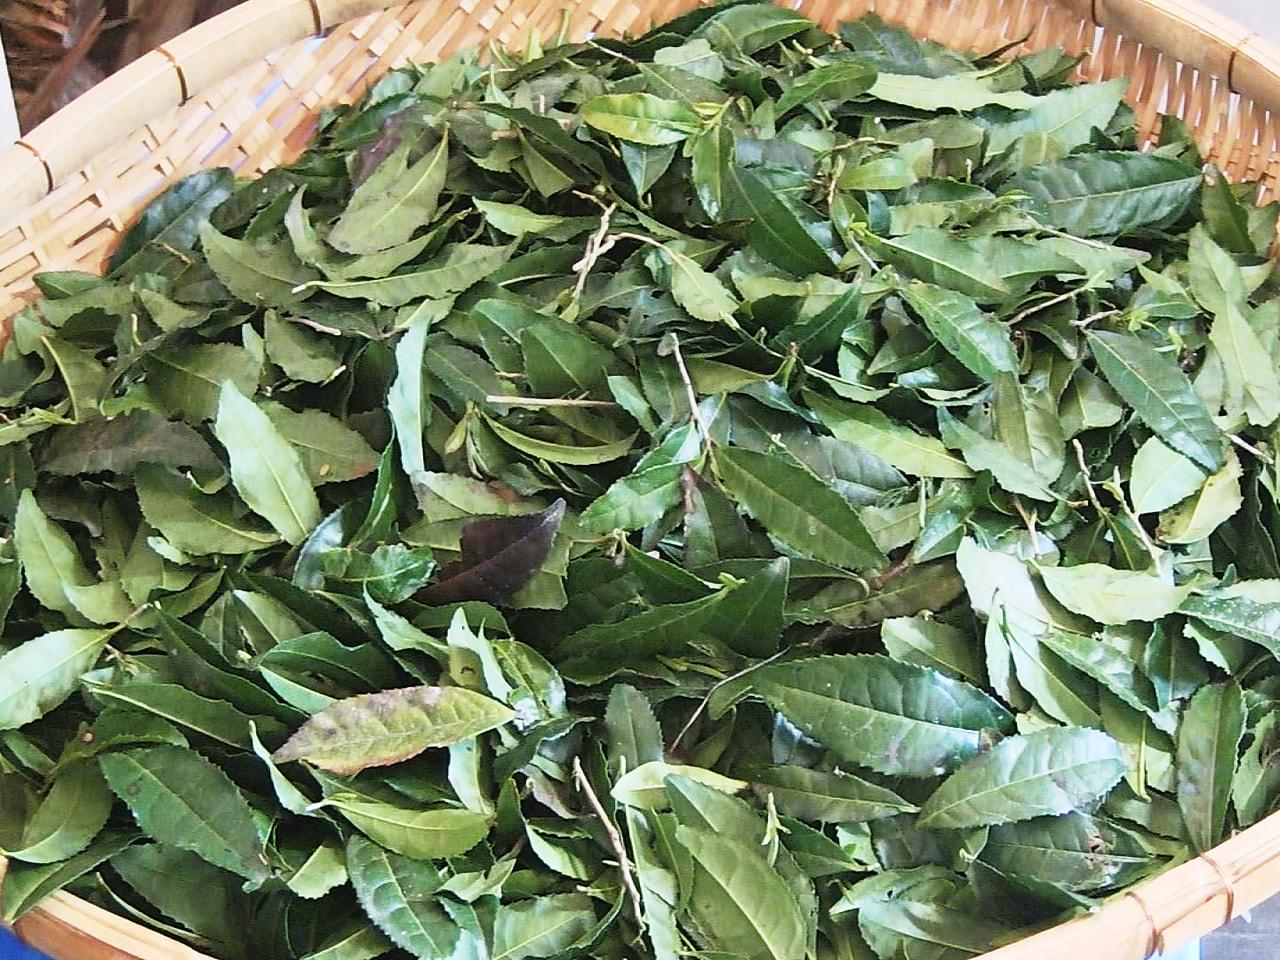 岐阜県加茂郡七宗町では、3年以上生育させたお茶の木の茎や葉ごと砕いて焙煎(ばいせ...